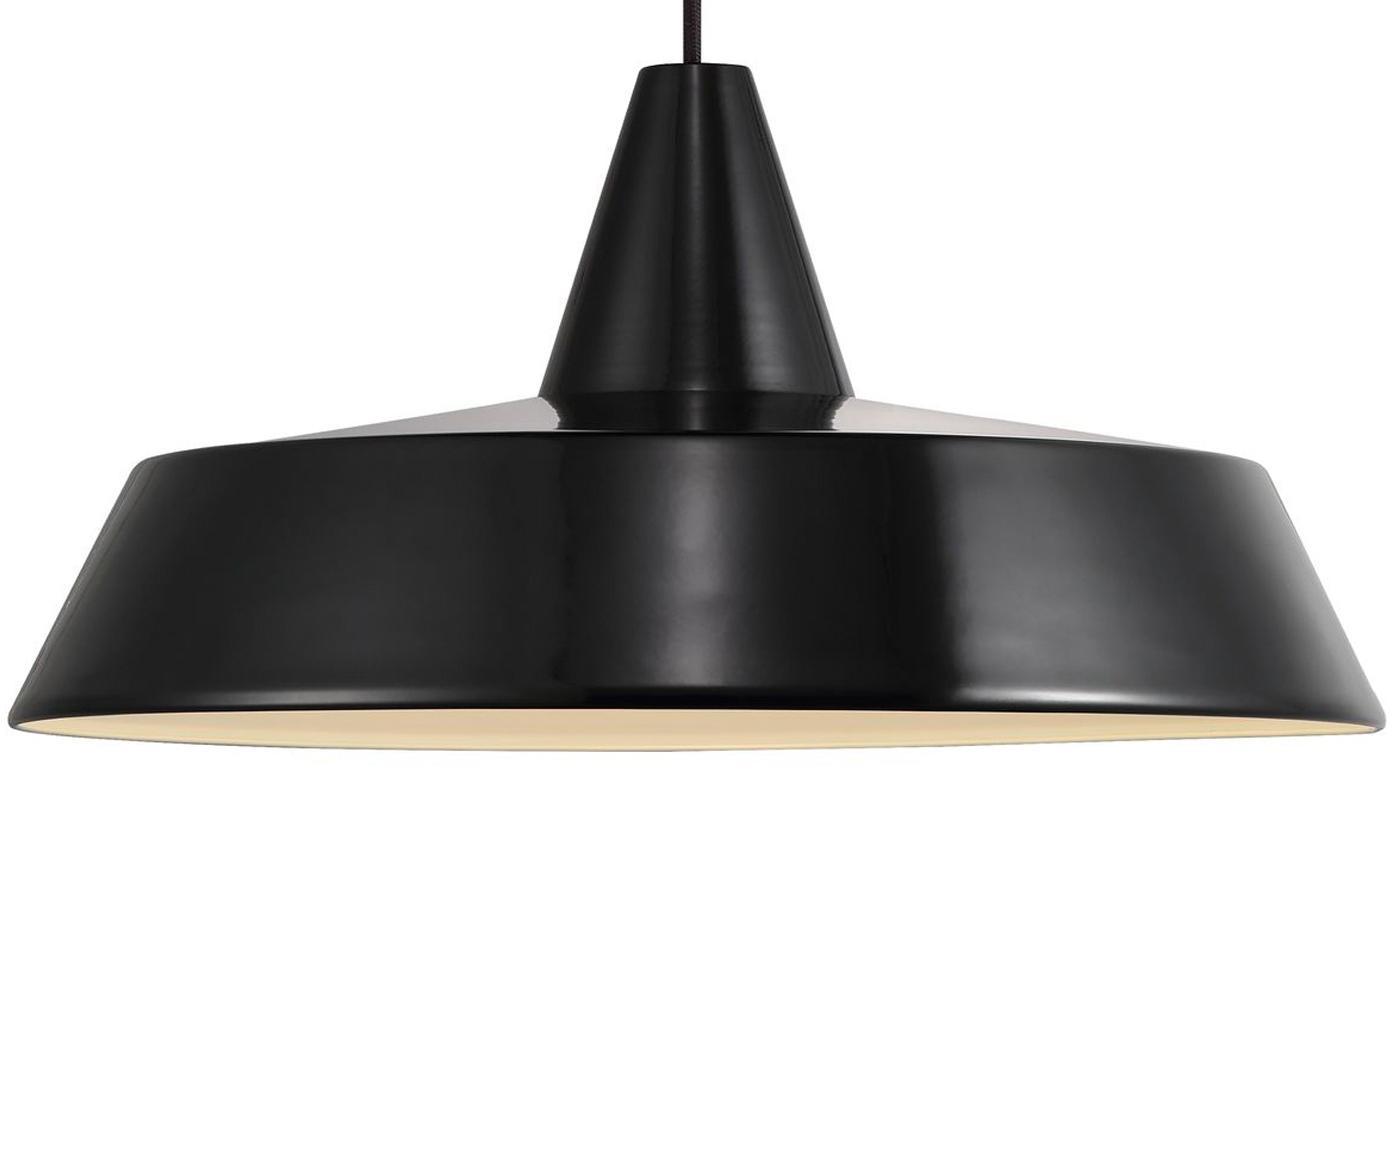 Lámpara de techo Jubilee, Pantalla: acero pintado, Anclaje: plástico, Cable: cubierto en tela, Negro, Ø 40 x Al 20 cm